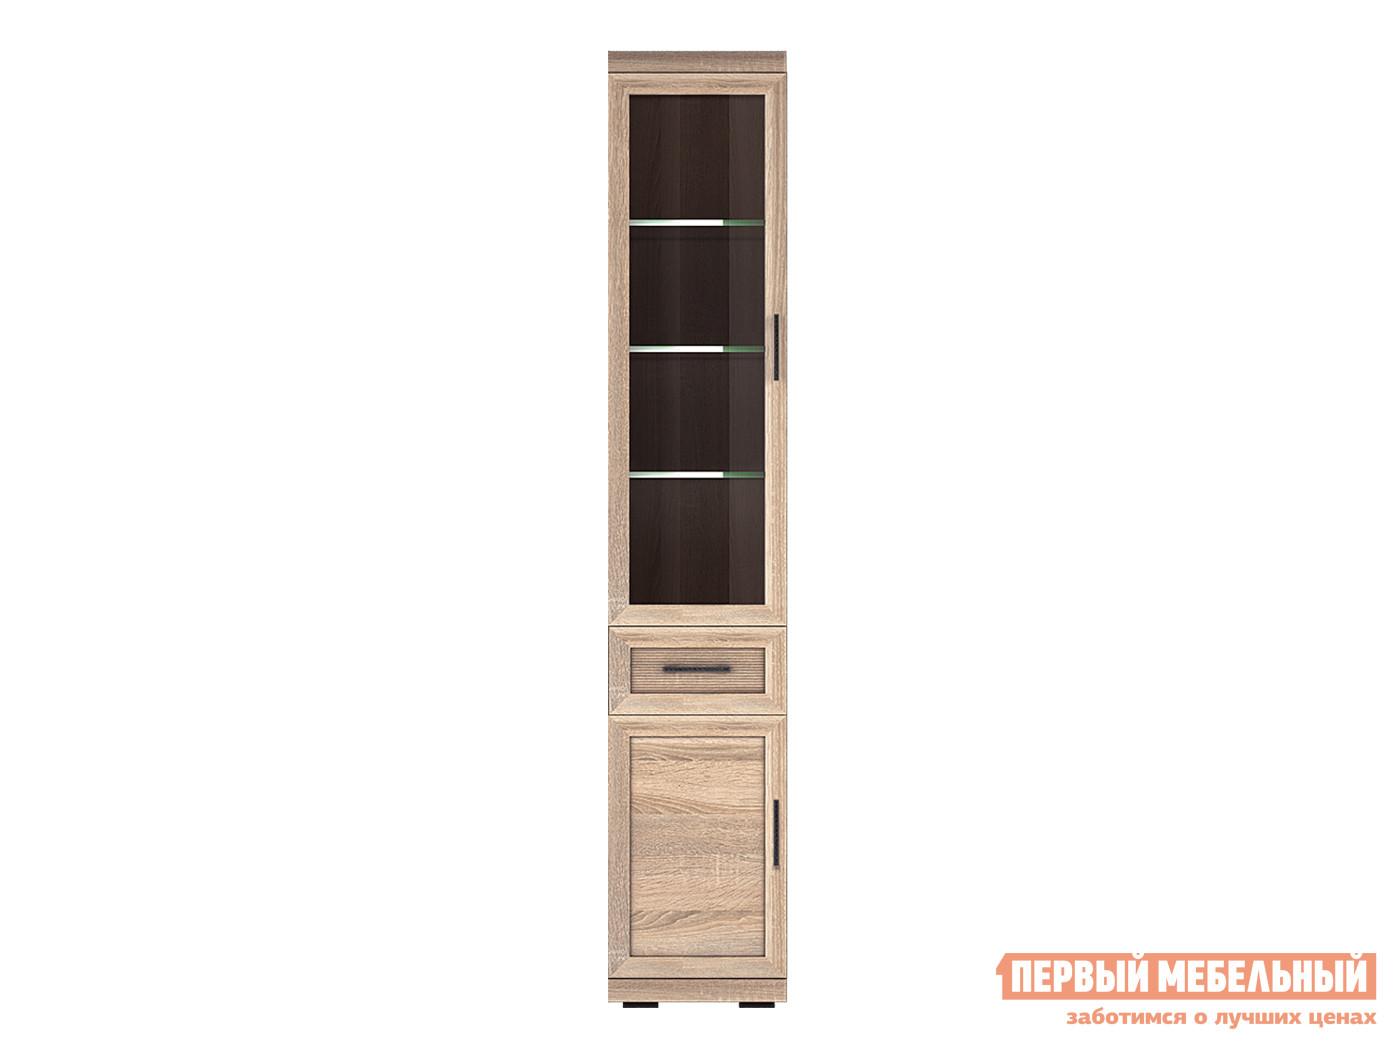 Шкаф-витрина Первый Мебельный Вега Прованс 1 шкаф первый мебельный вега прованс 10